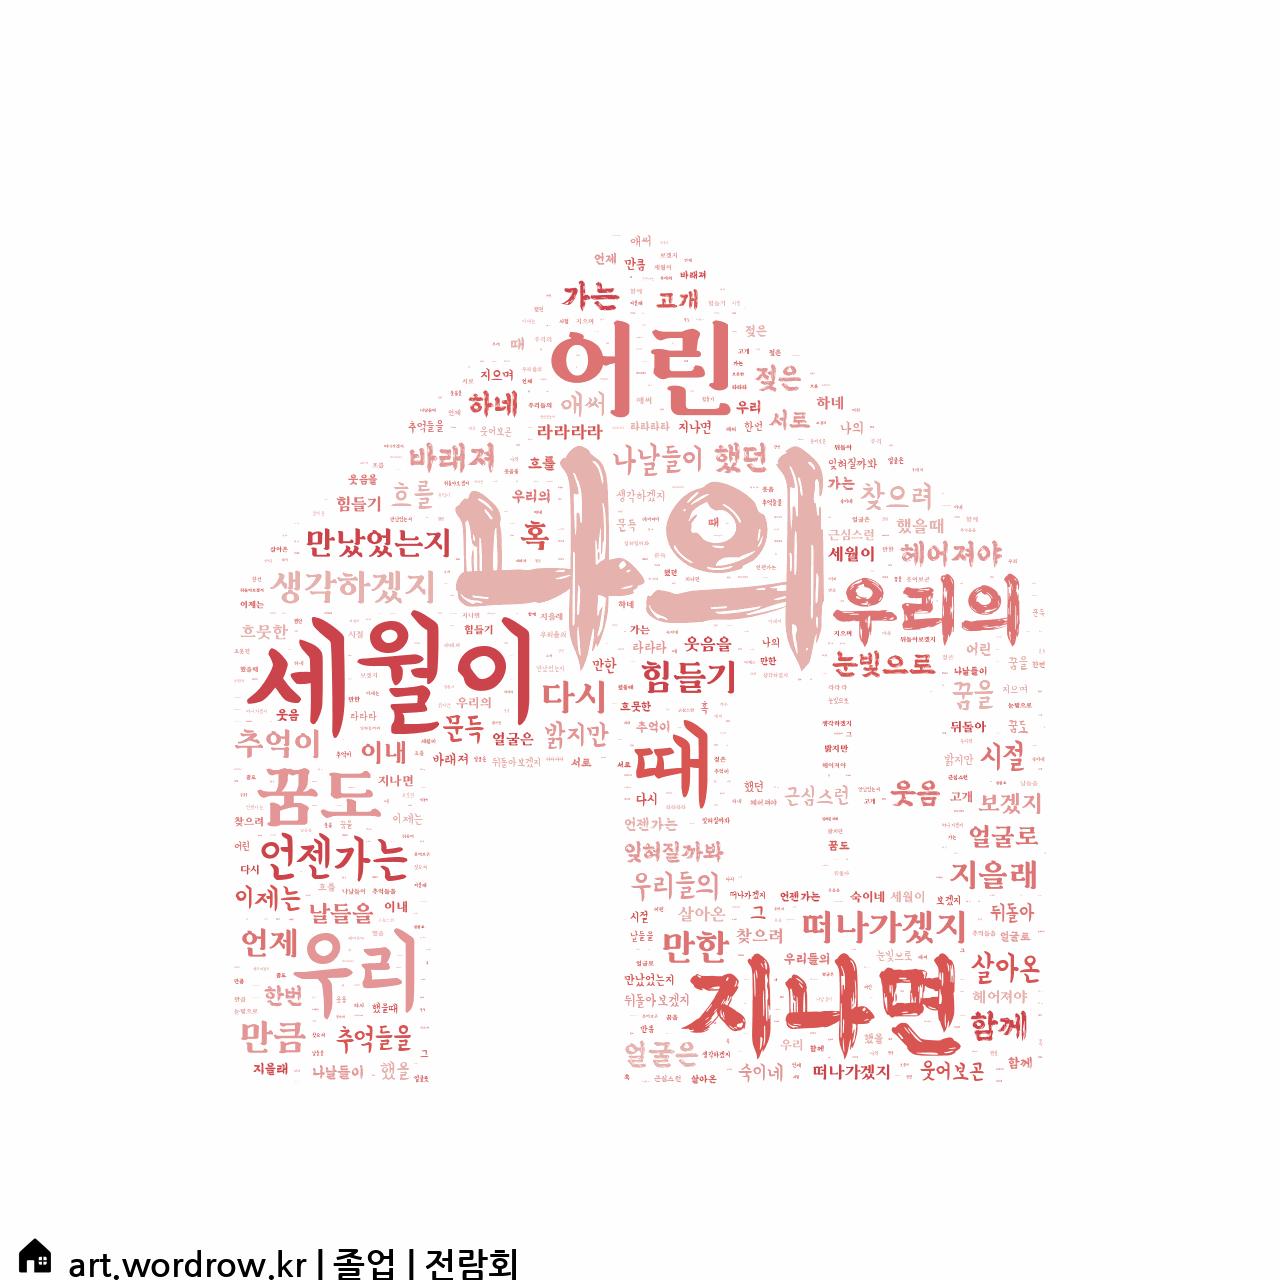 워드 아트: 졸업 [전람회]-48